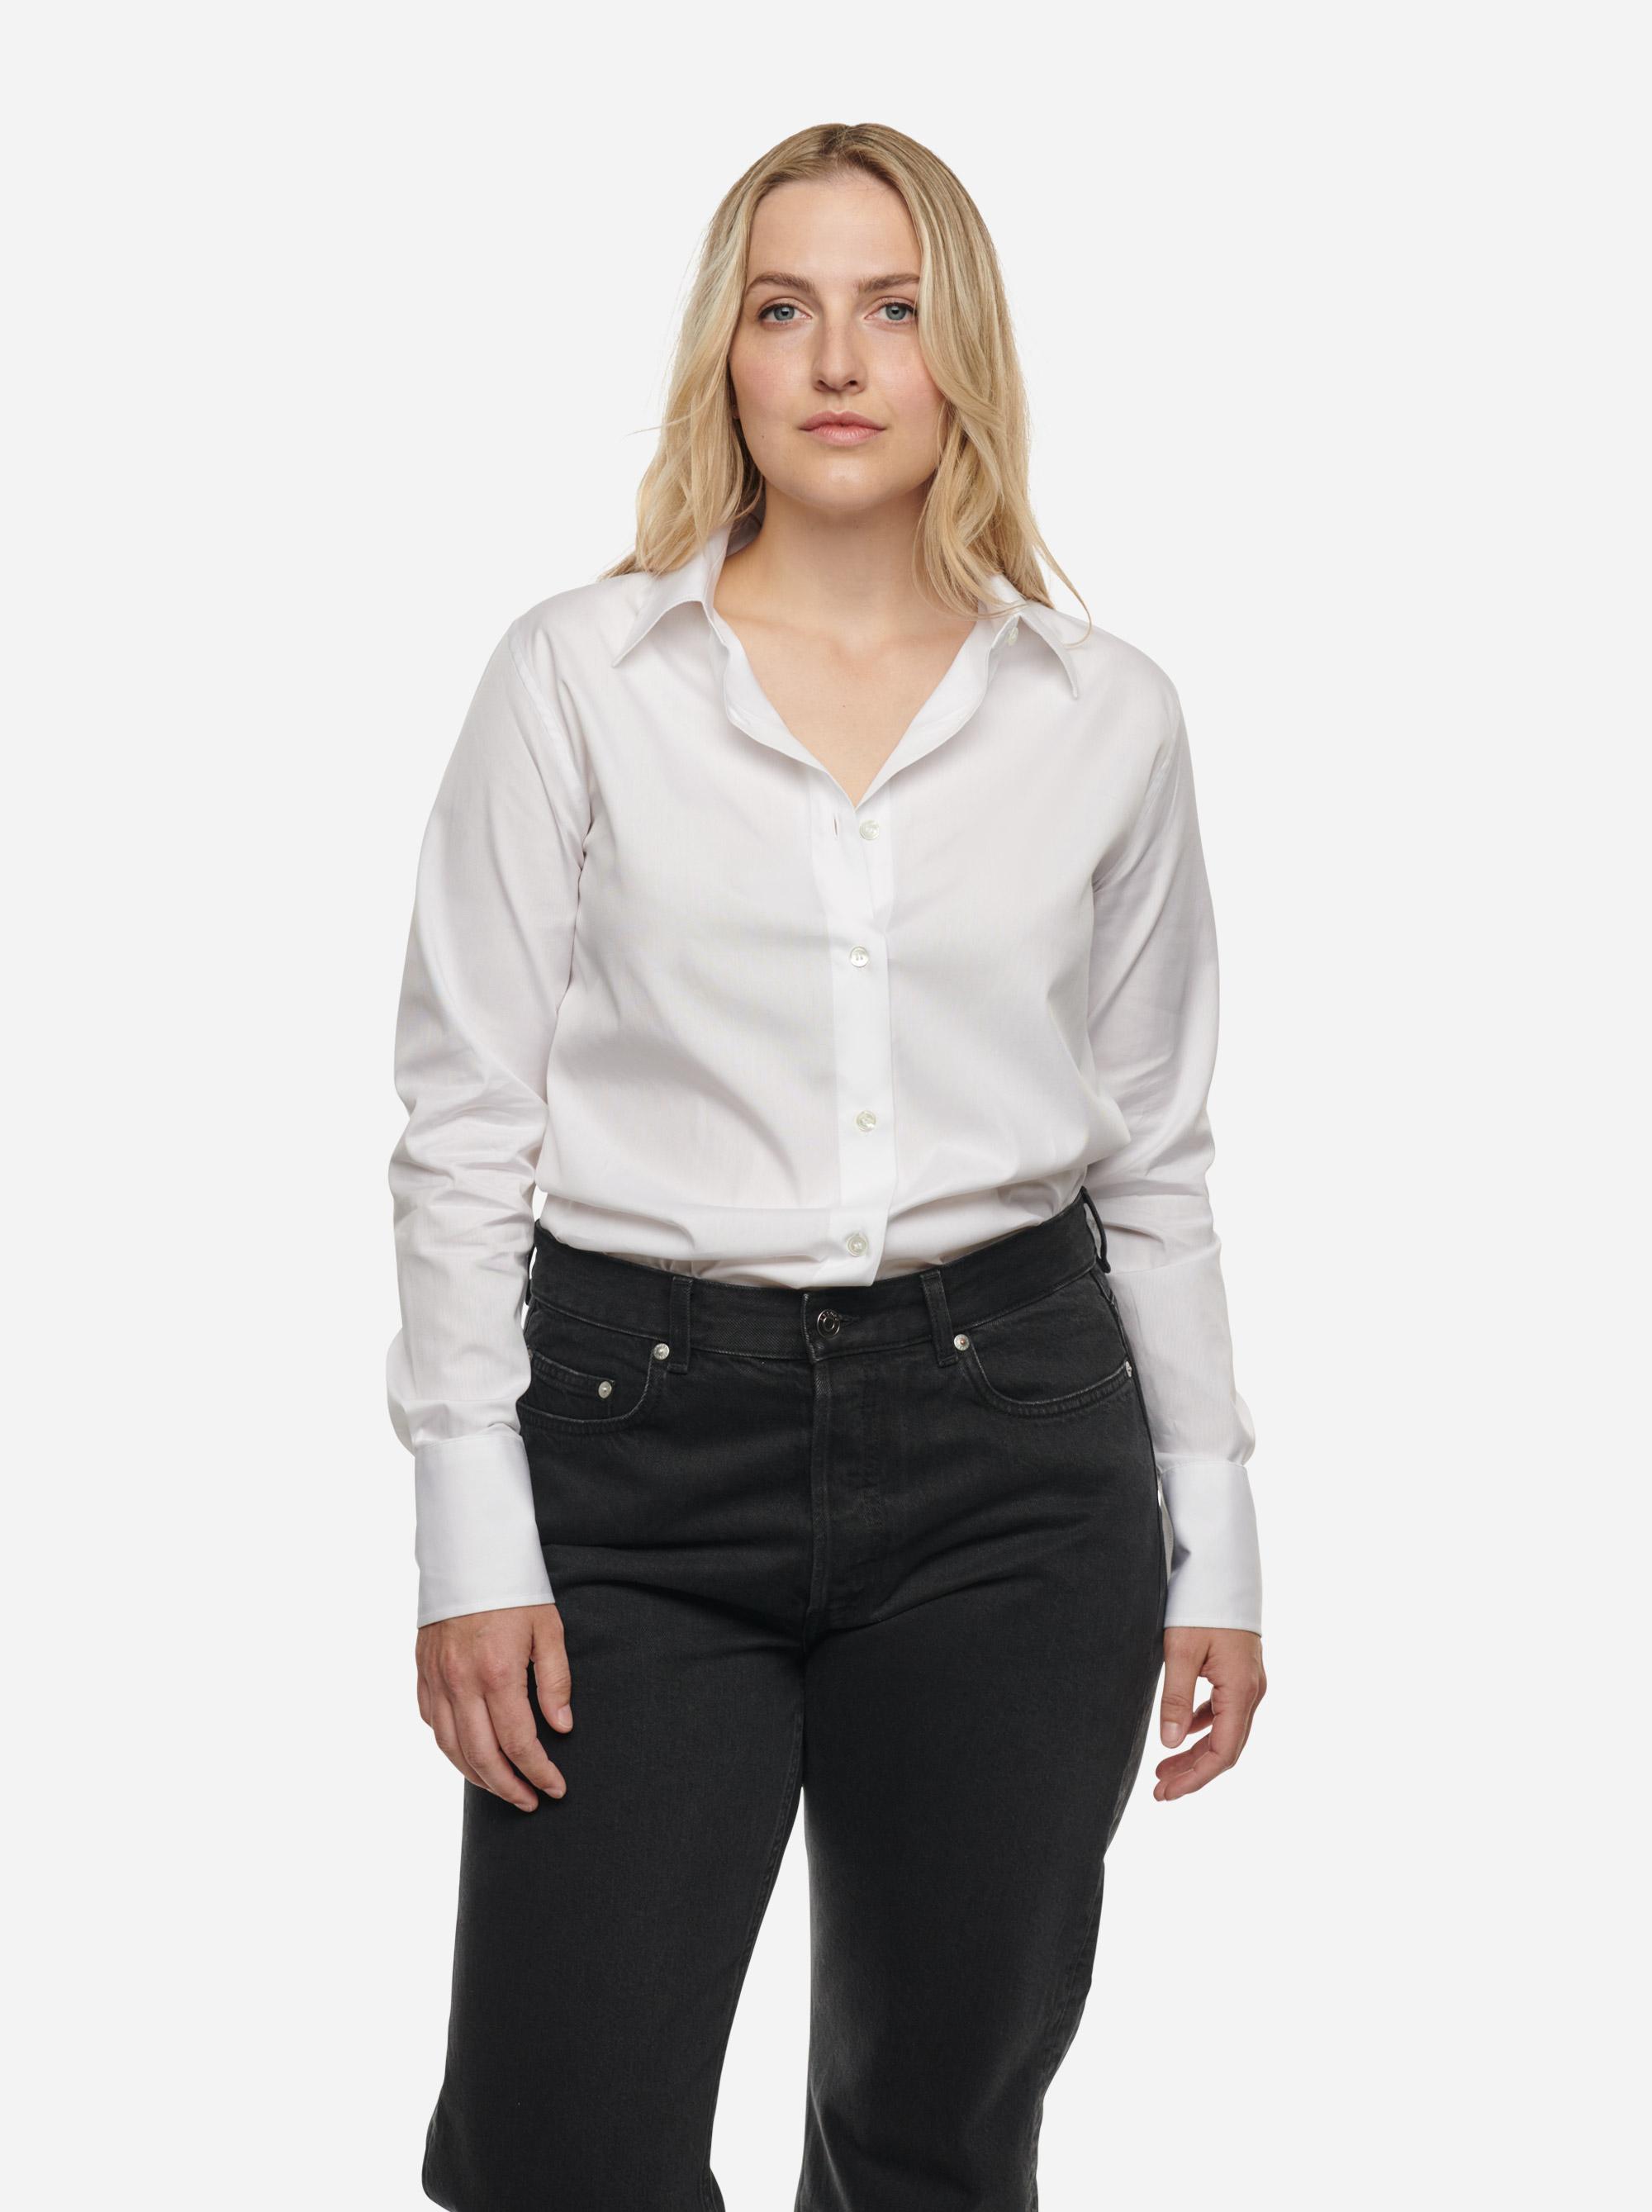 Teym-Shirt-White-women-4